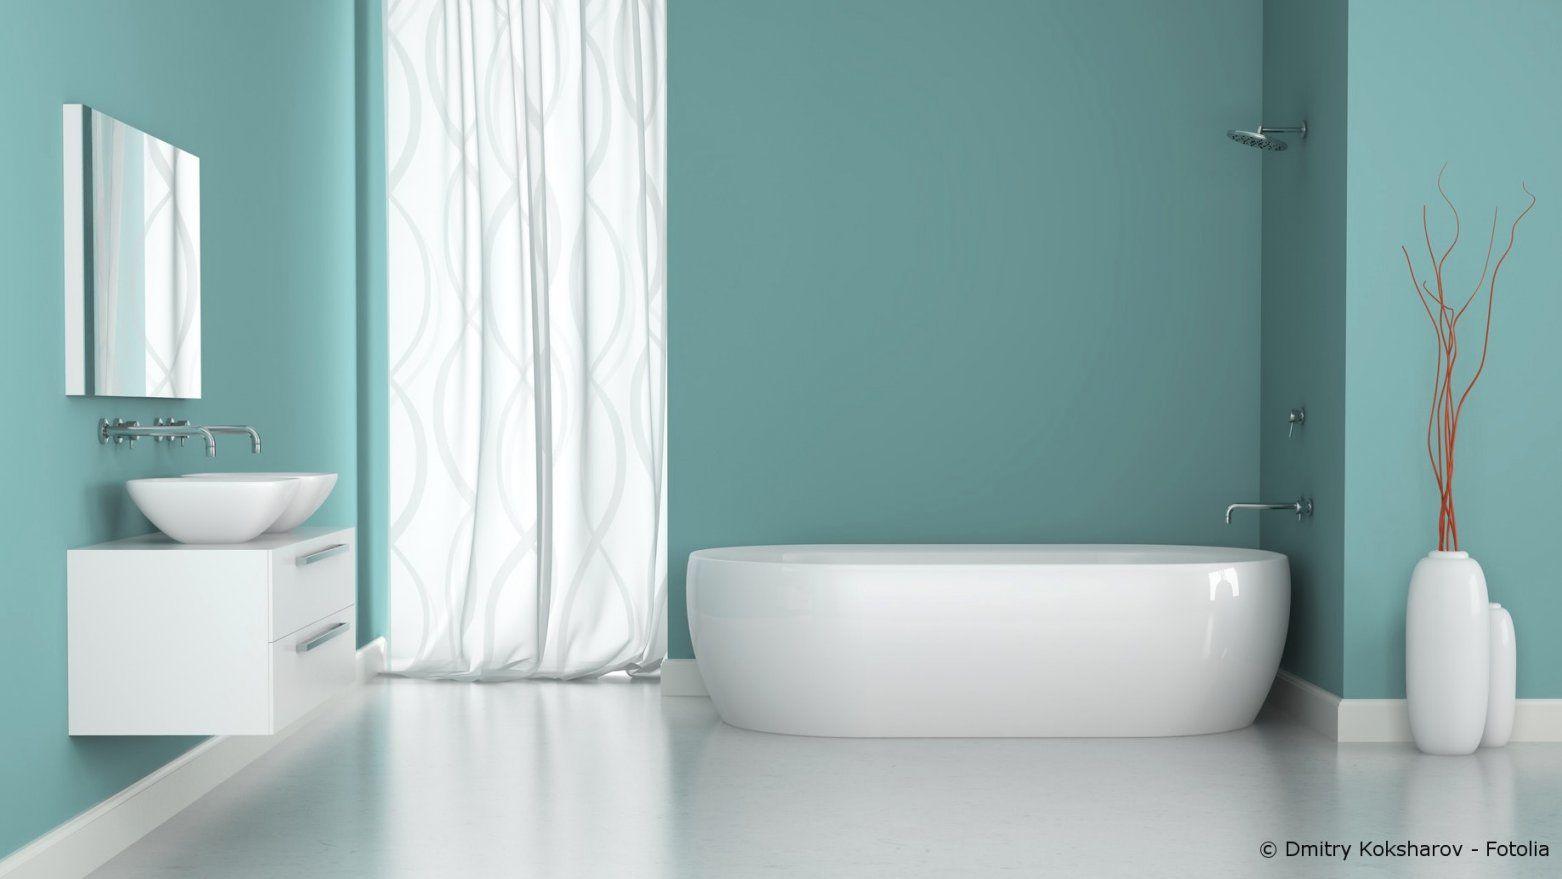 Wunderbare Inspiration Wandfarbe Dusche Und Charmante Exquisit von Wasserfeste Farbe Für Dusche Photo